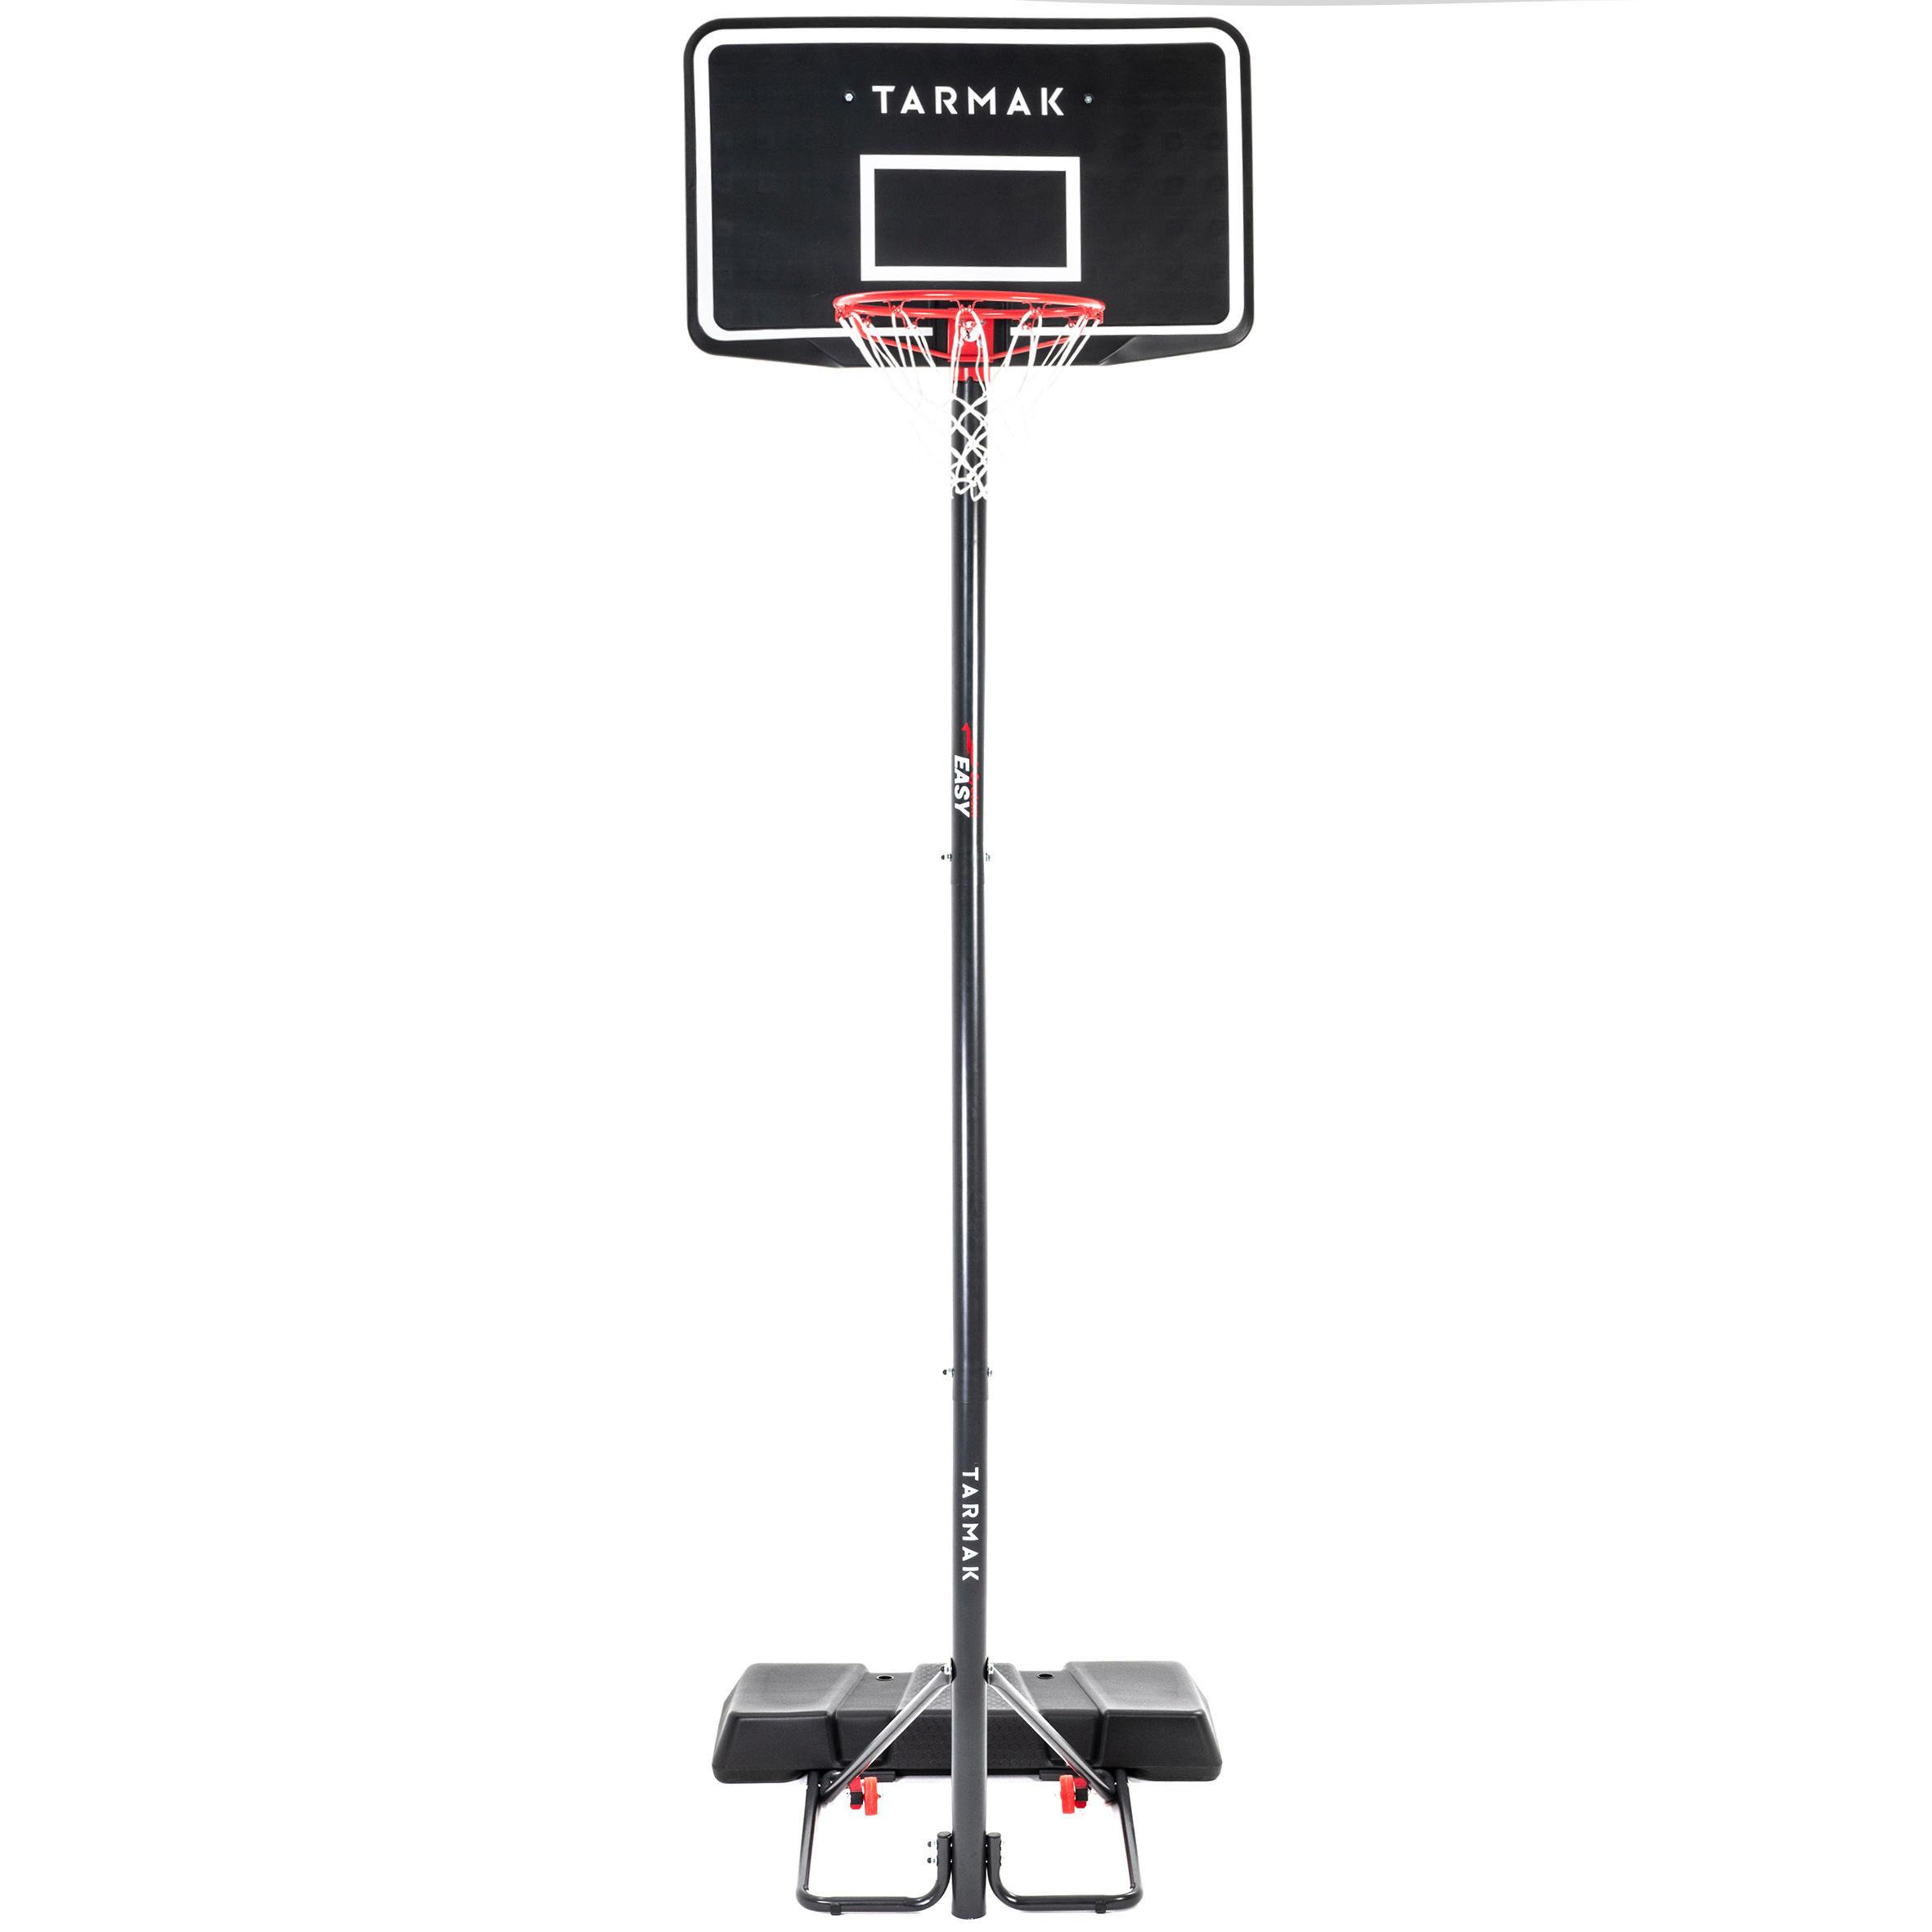 Canasta Baloncesto niño/adulto B100 Easy. Ajustable sin herramientas 2,20-3,05 m